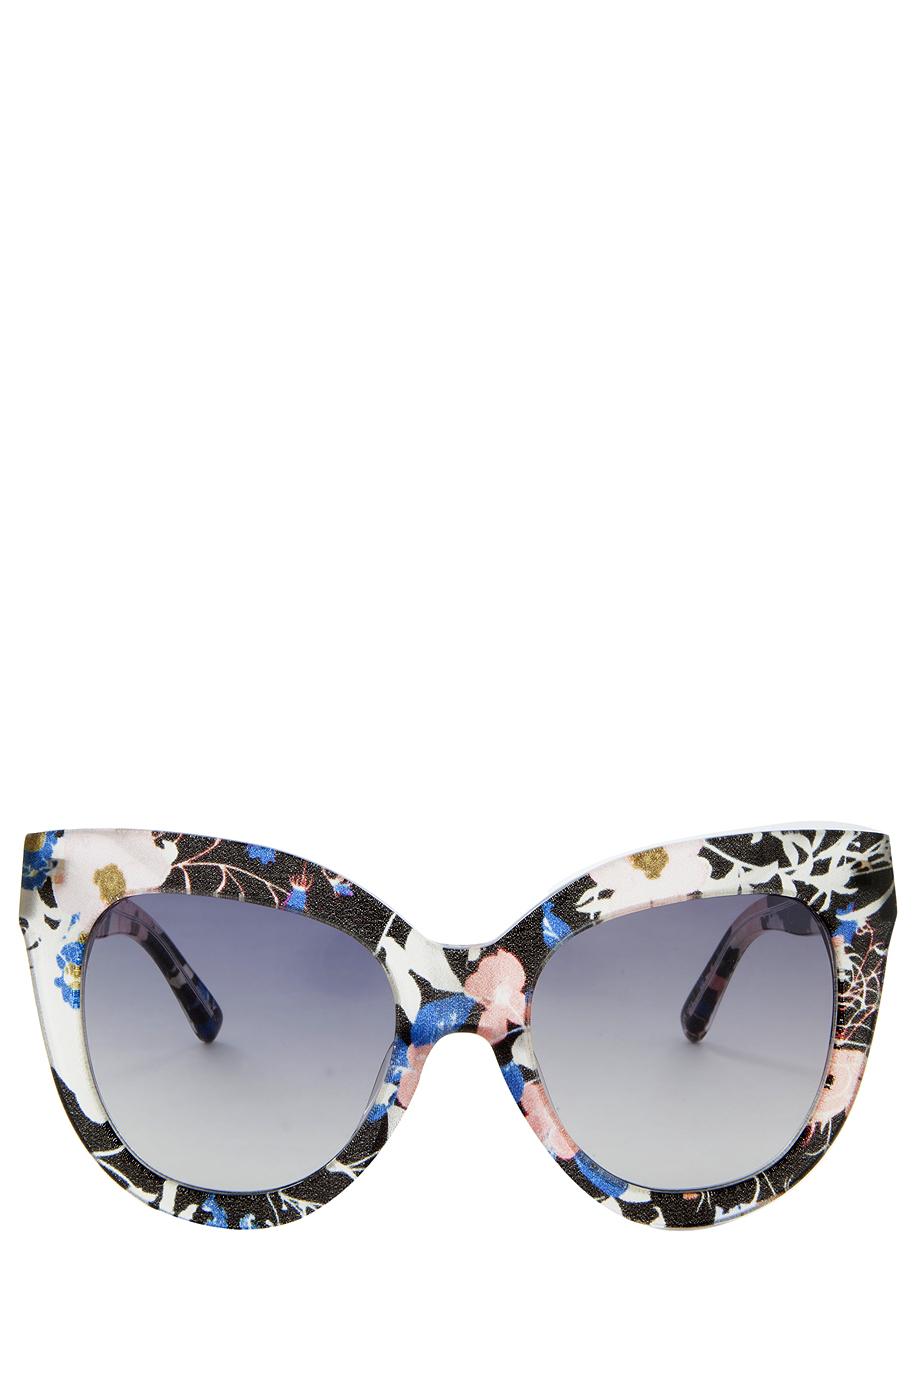 6890cfc8c3 Lyst - Erdem X Linda Farrow Acetate Sunglasses